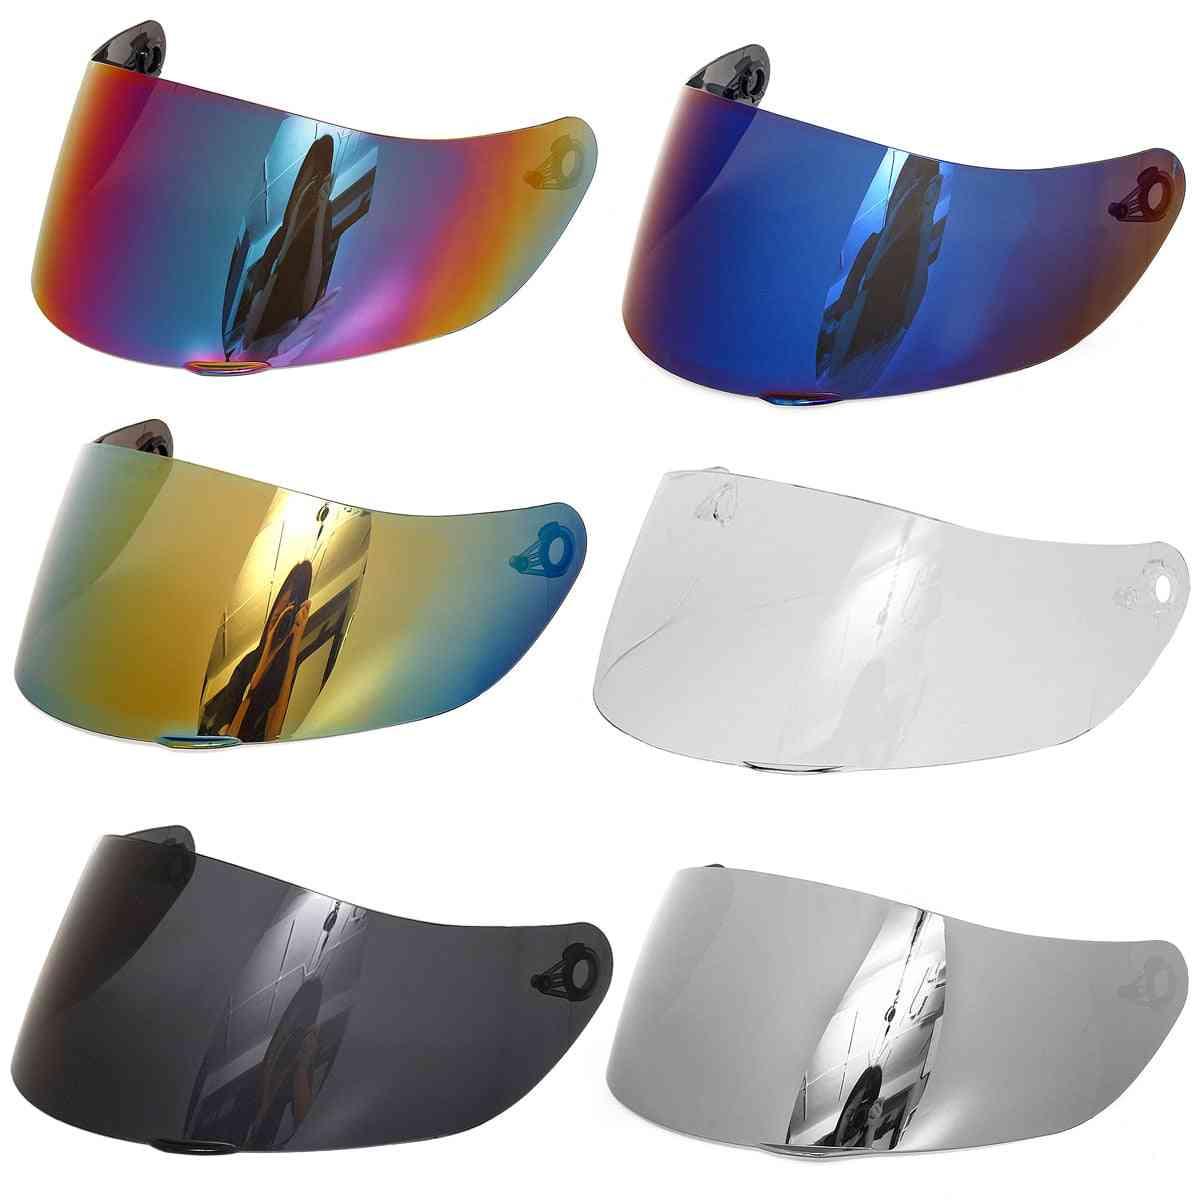 Helmet Visor For Agv K5 K3sv Motorcycle Detachable Helmet Glasses Motorbike Helmet Lens